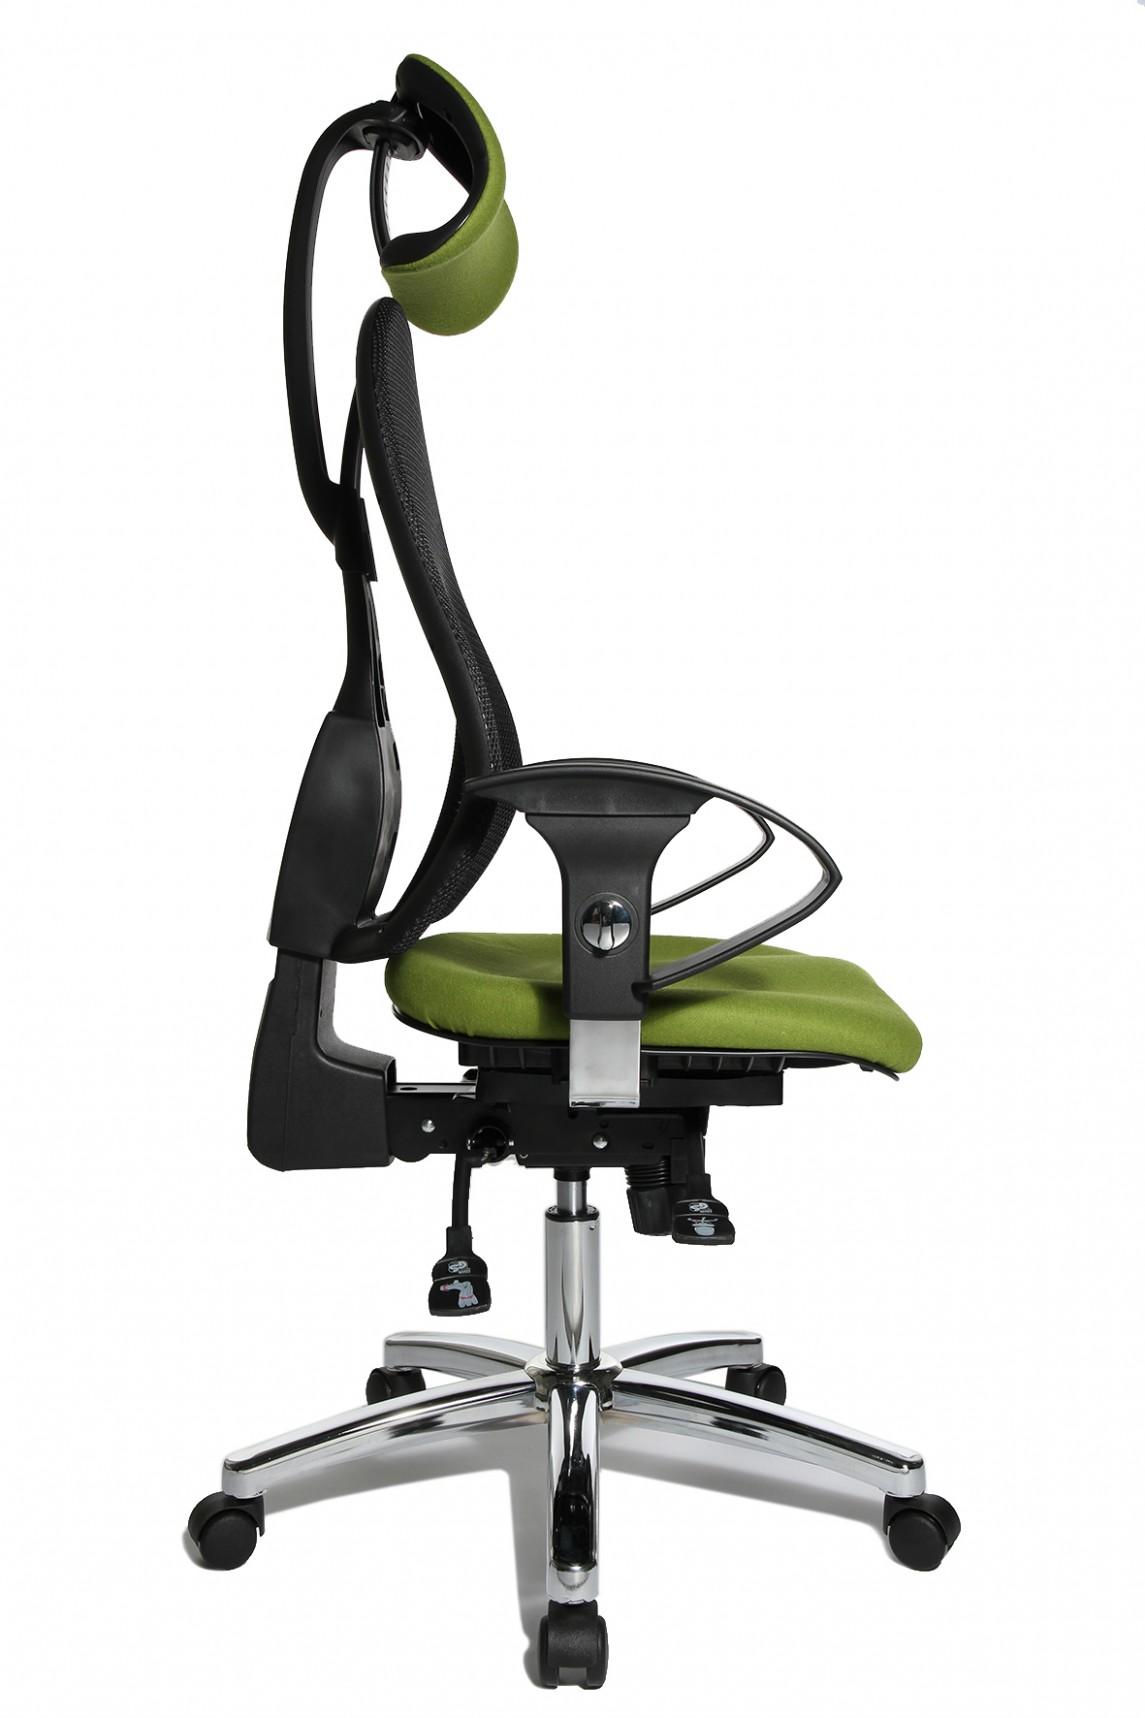 Kancelářská balanční židle Sitness 25